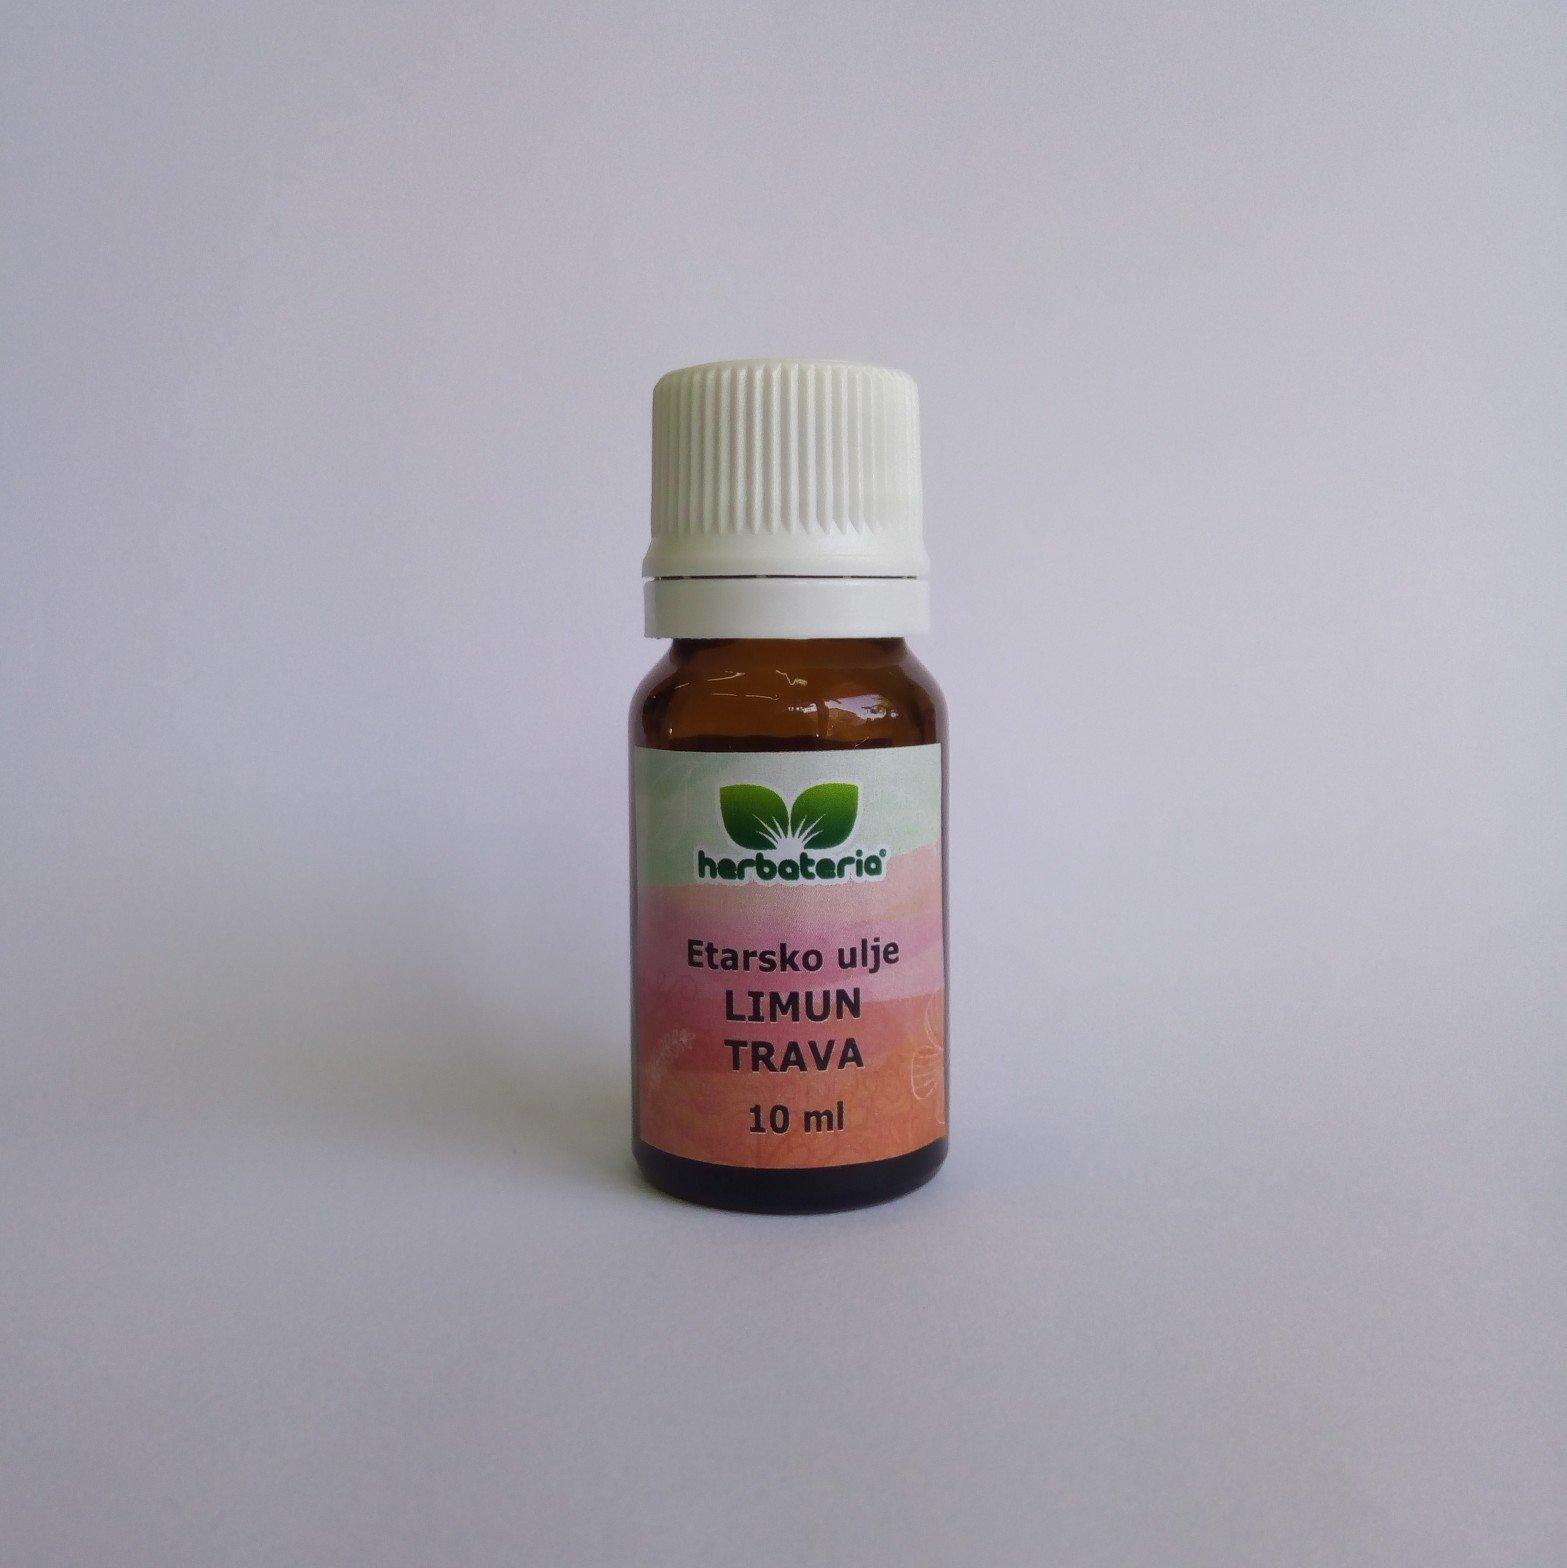 Herbateria - etarsko ulje limun trava 10 ml 00420